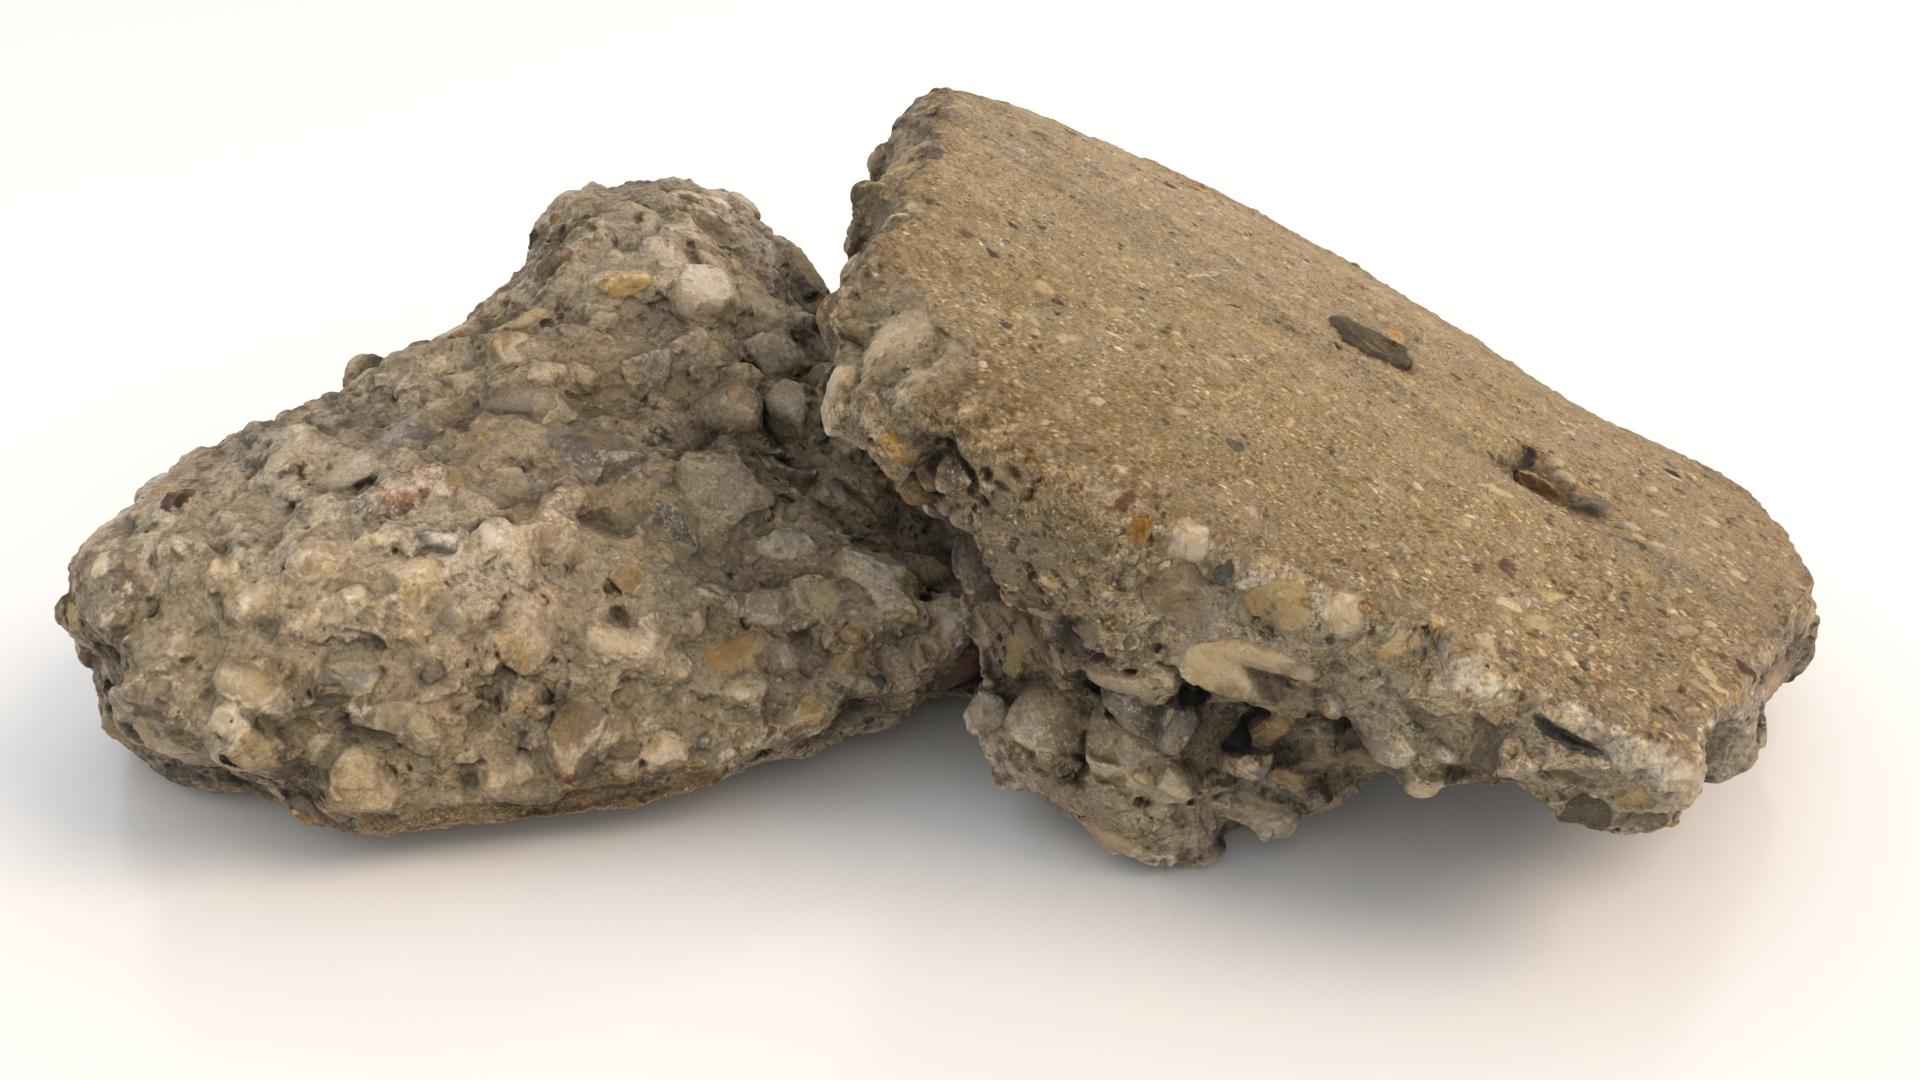 Concrete Debris Featured Image